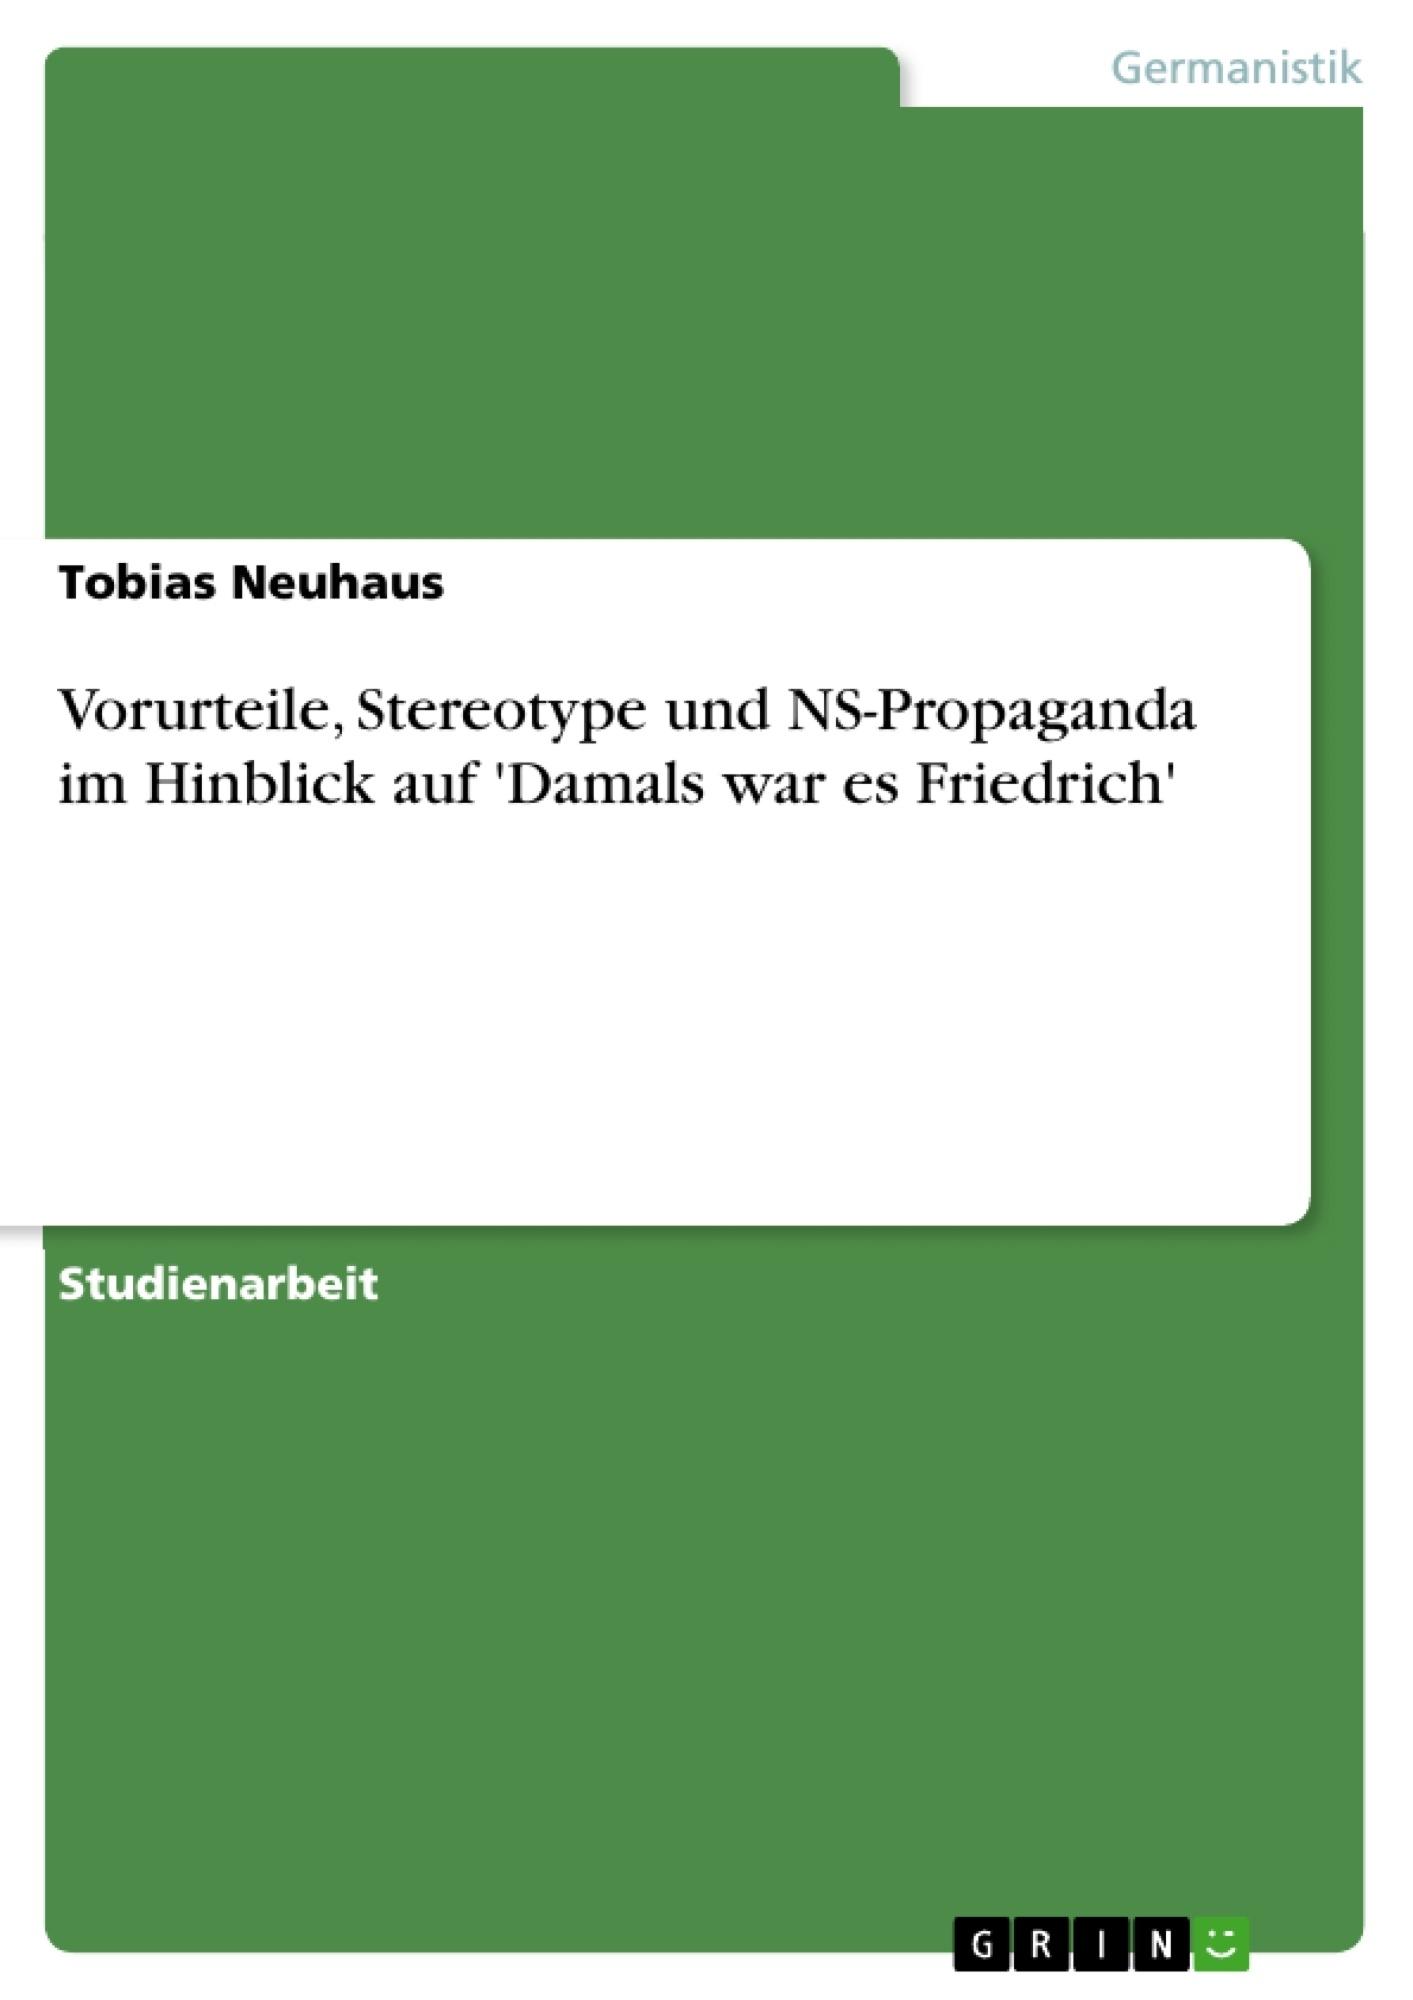 Titel: Vorurteile, Stereotype und NS-Propaganda im Hinblick auf 'Damals war es Friedrich'